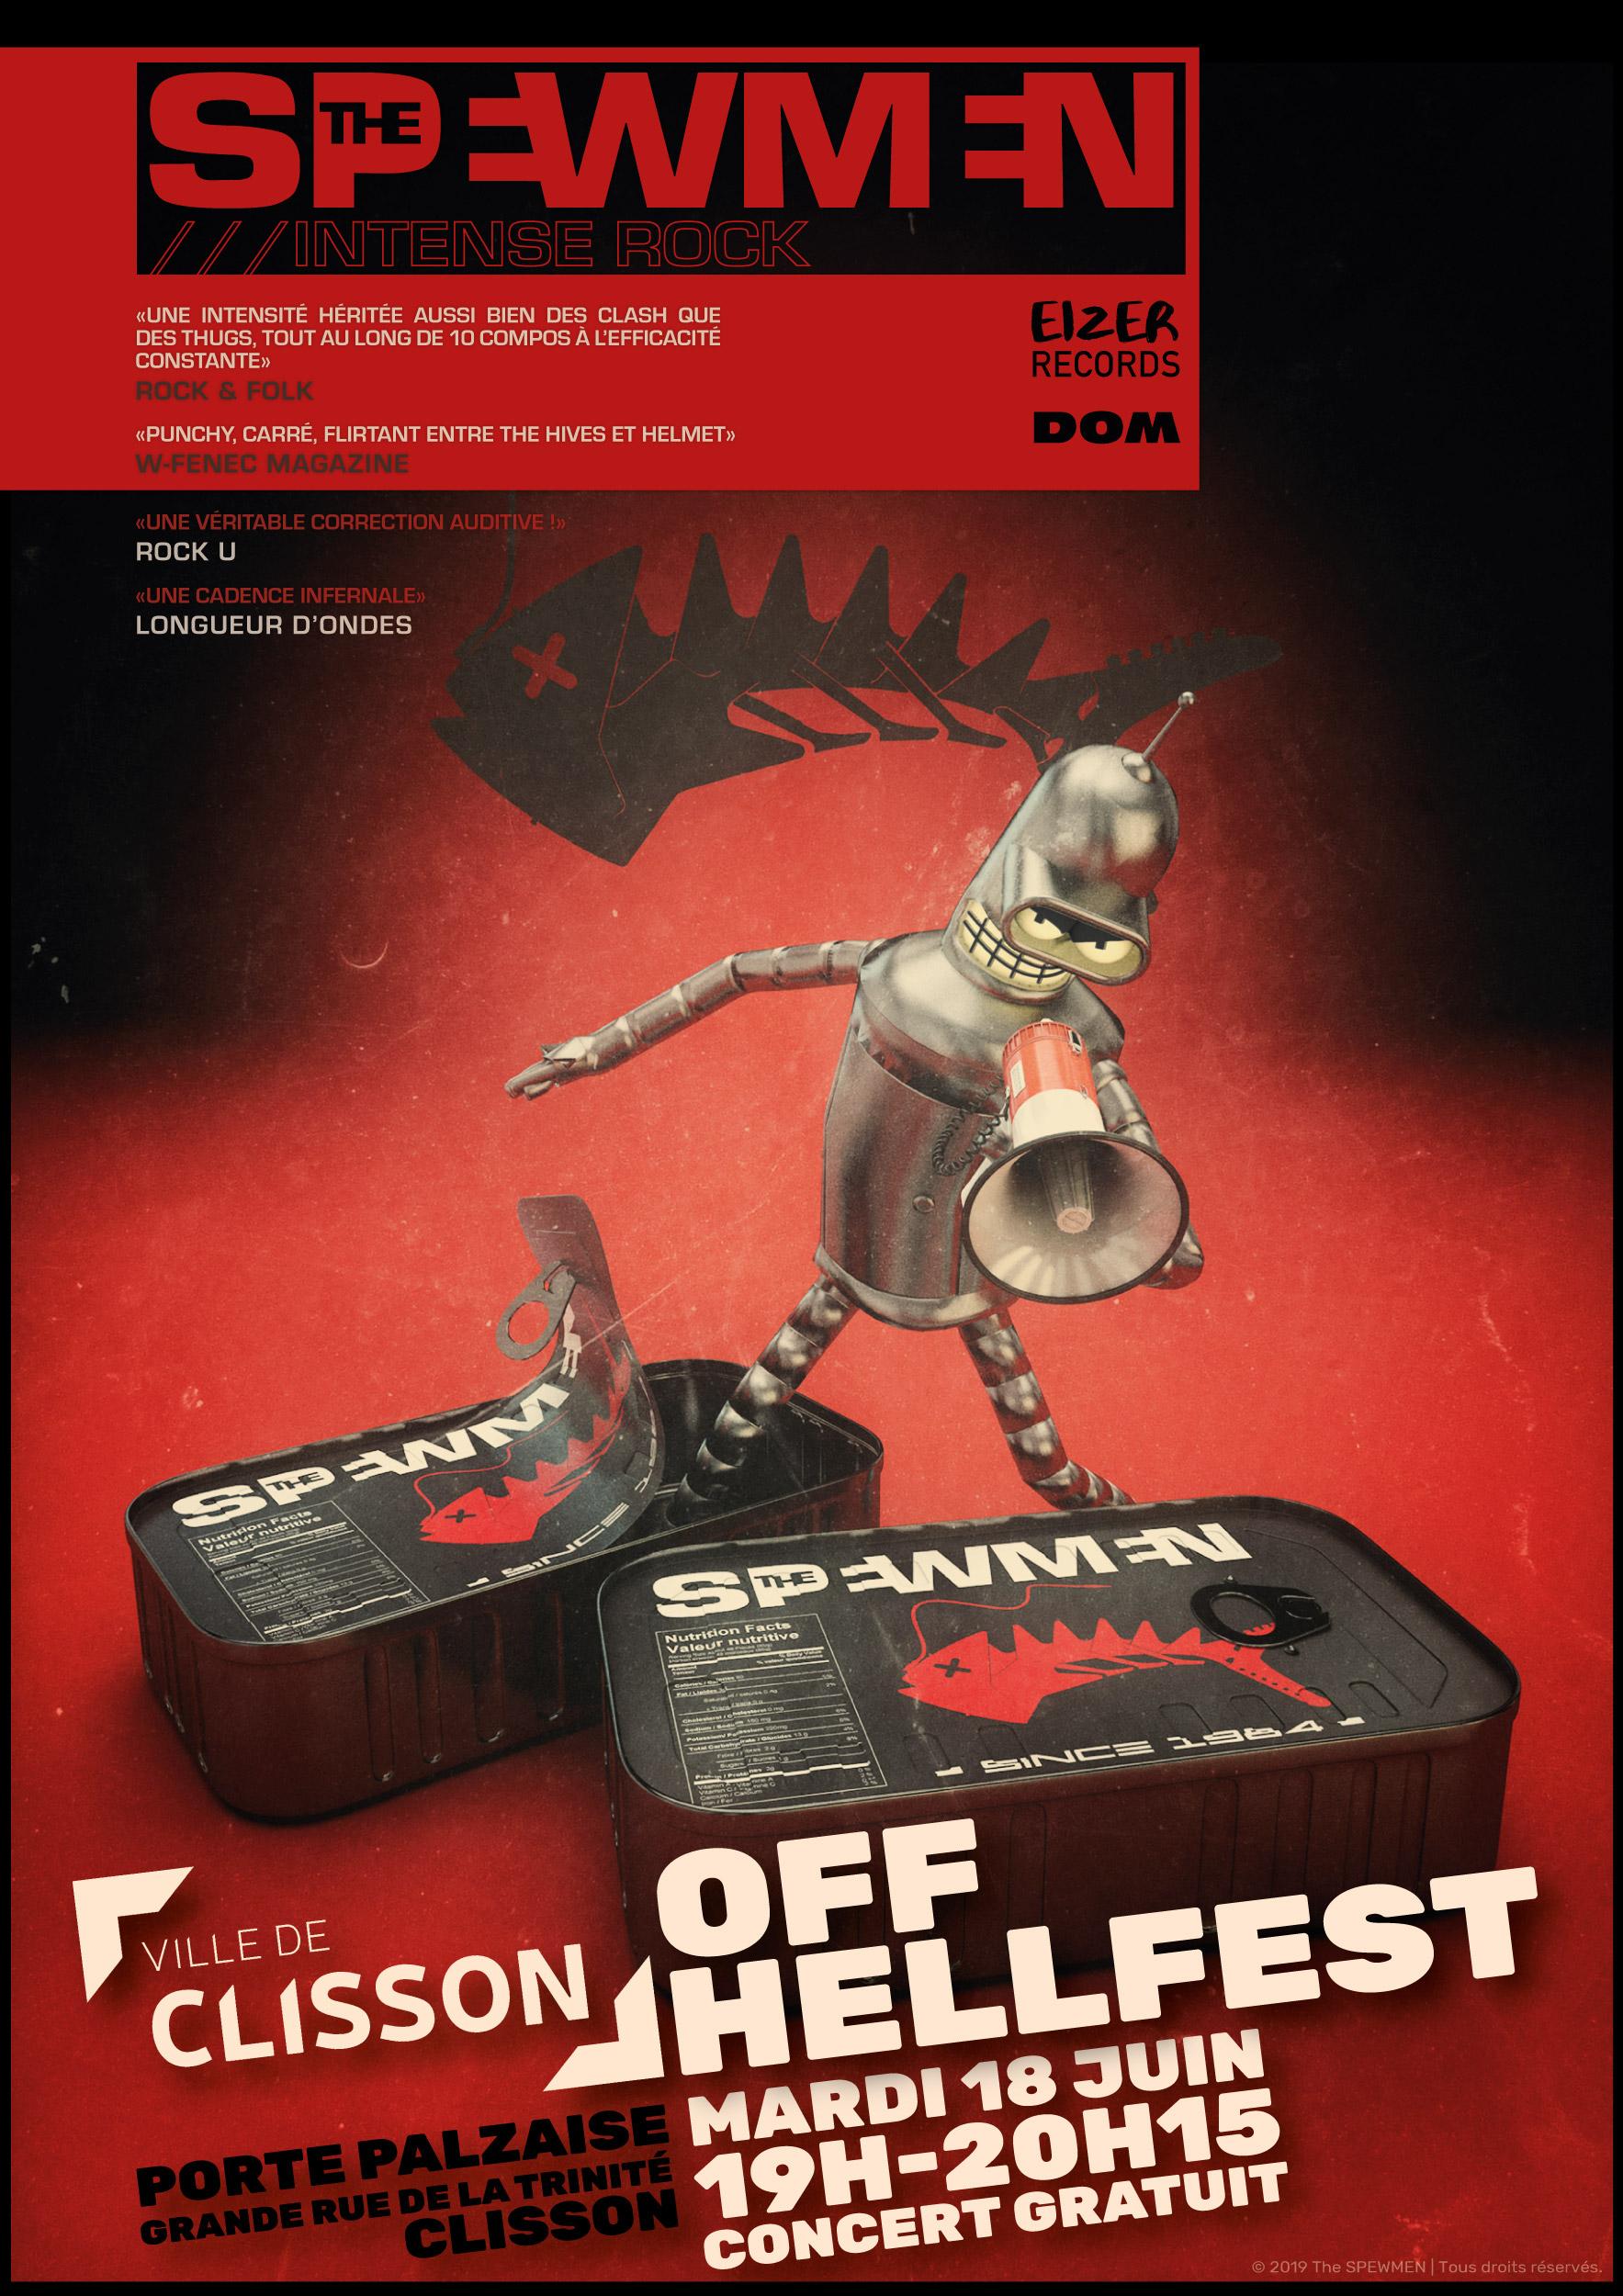 The SPEWMEN en concert pour le Off-Hellfest de la Ville de Clisson